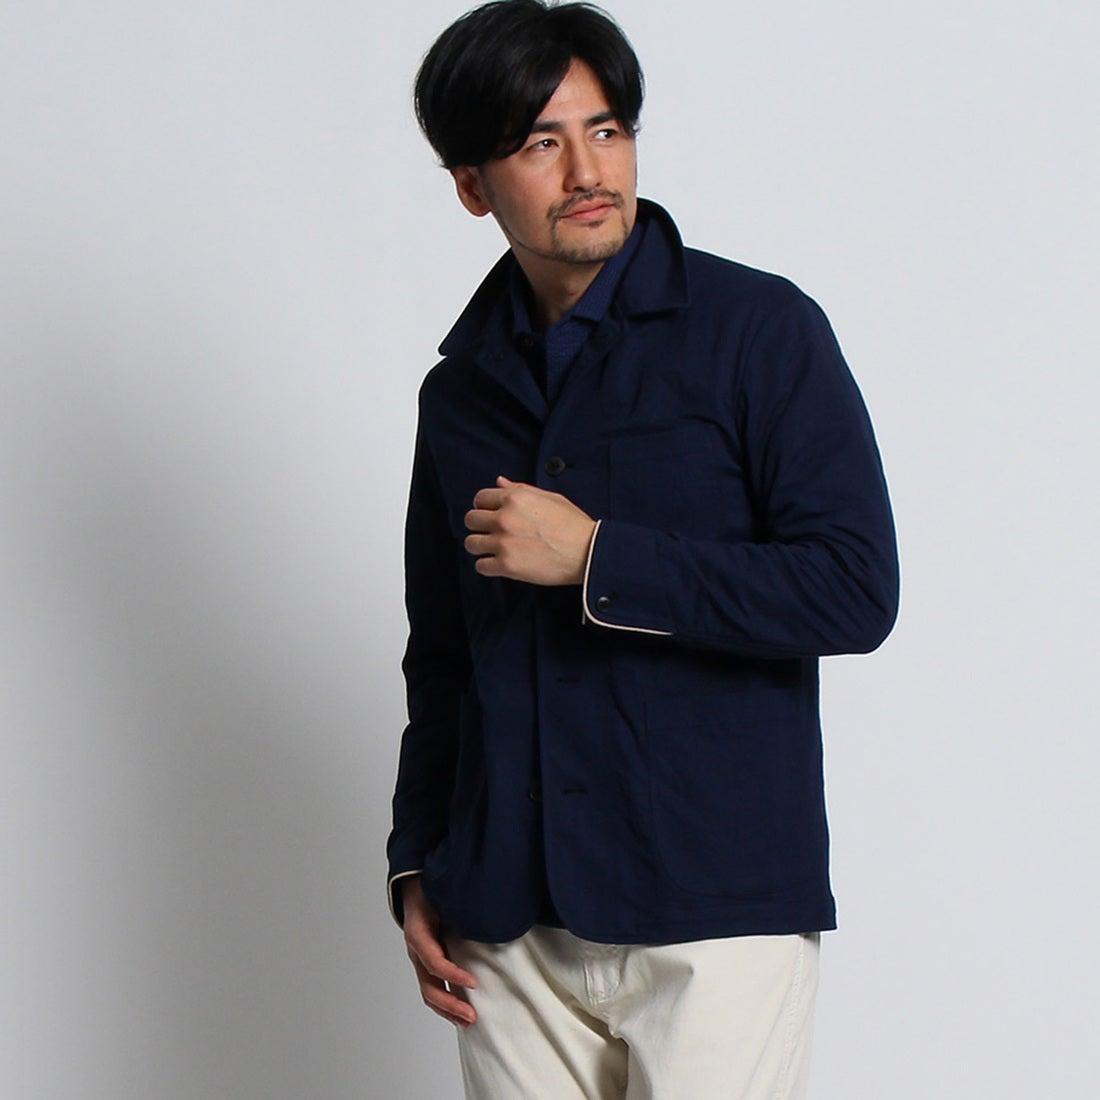 タケオ キクチ TAKEO KIKUCHI ビンテージ調ジャージブルゾン[ メンズ ブルゾン ] (ネイビー)